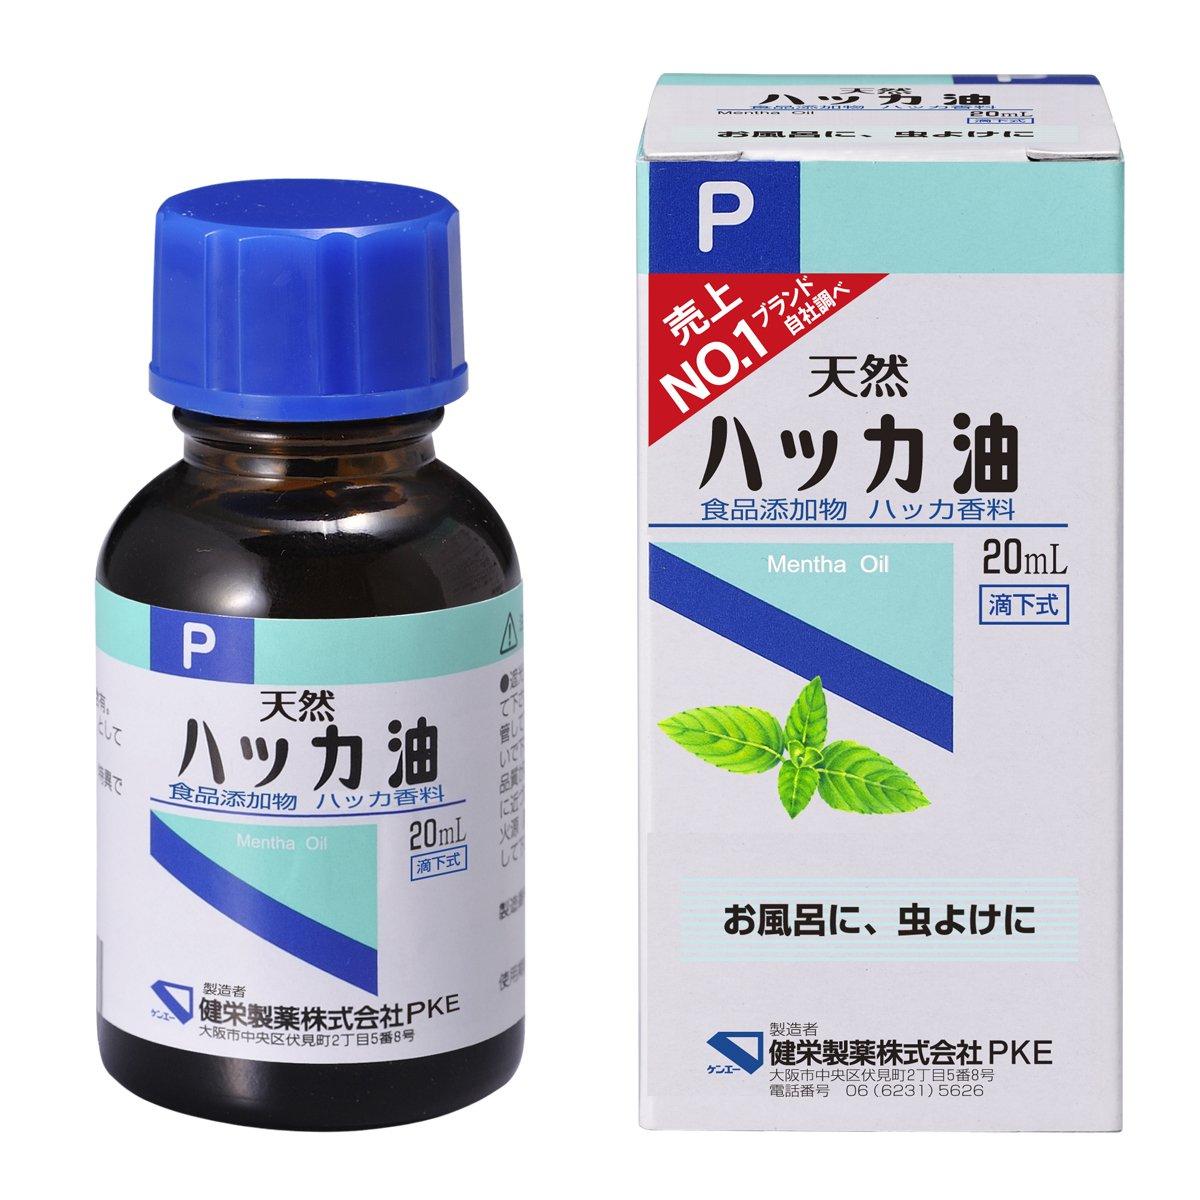 健栄製薬 ハッカ油P 20ml 食品添加物